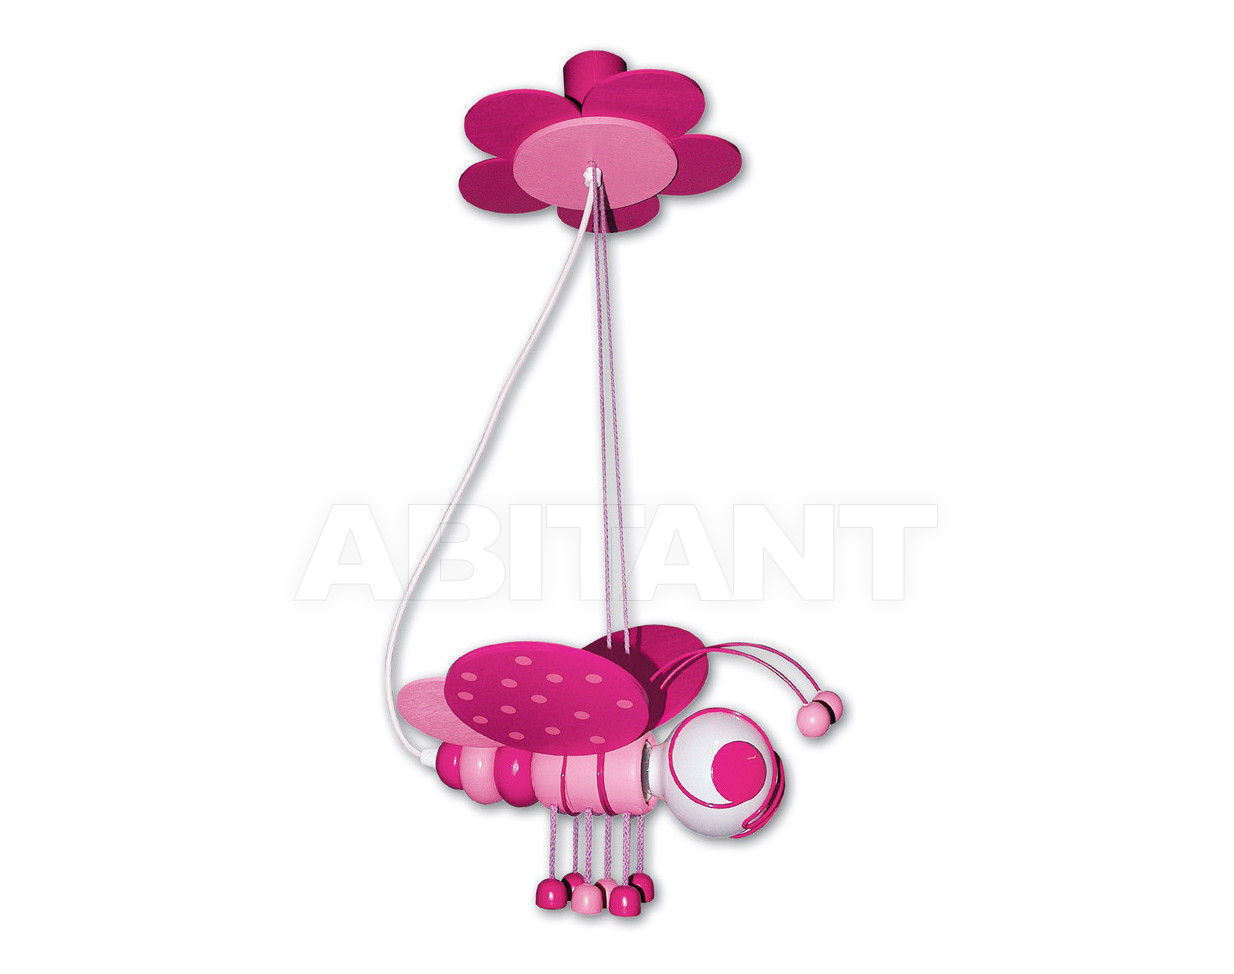 Купить Светильник для детской  Waldi Leuchten Lampen Fur Kinder 2012 90126.2 rosa/pink